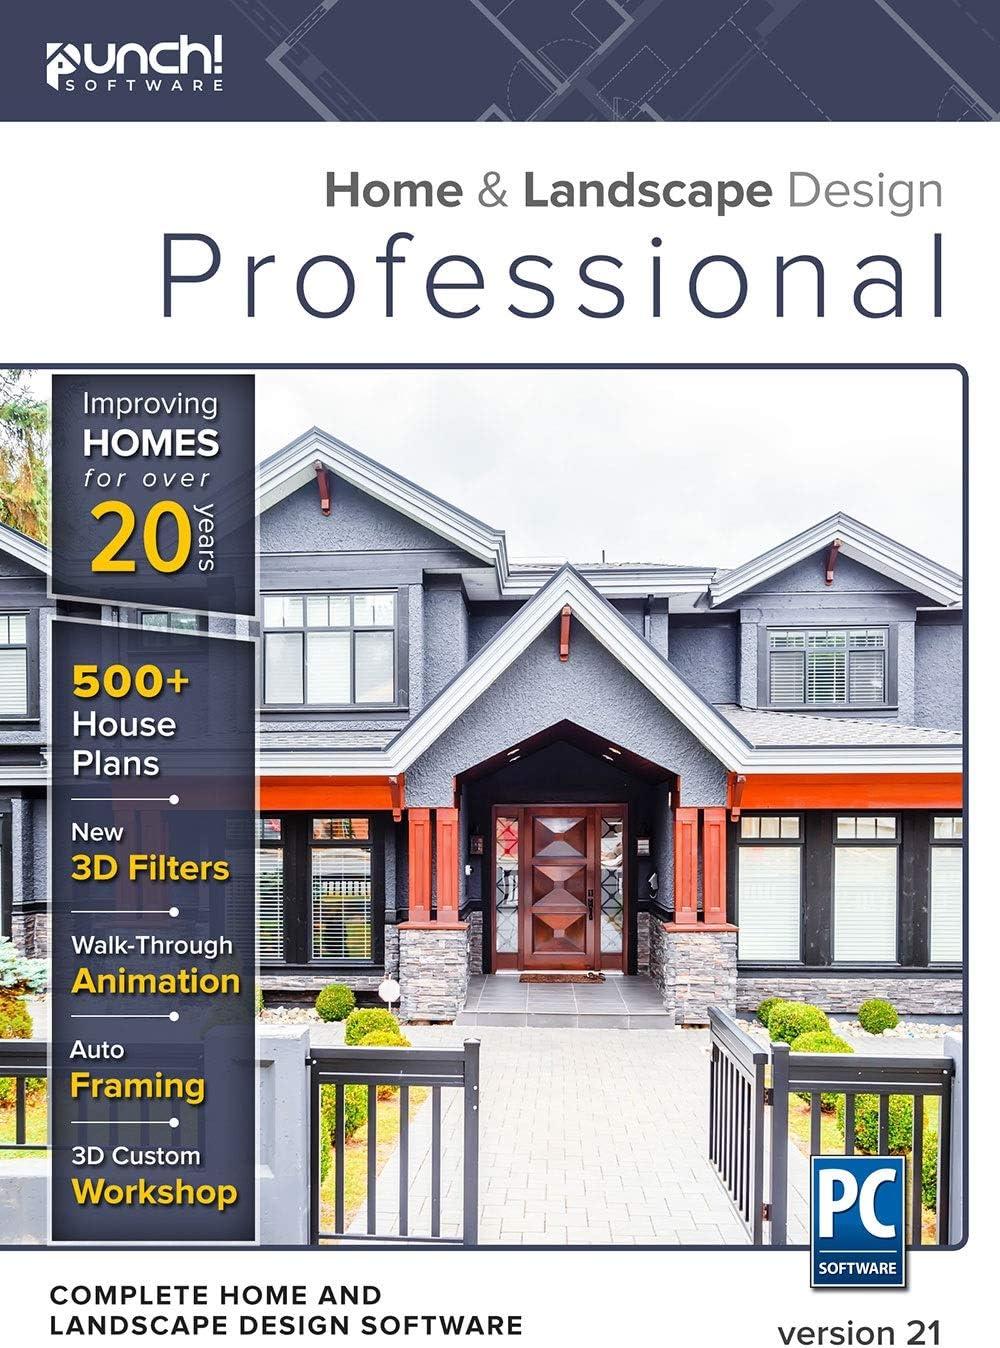 Punch! Home & Landscape Design Professional v21 - Windows [PC Download]